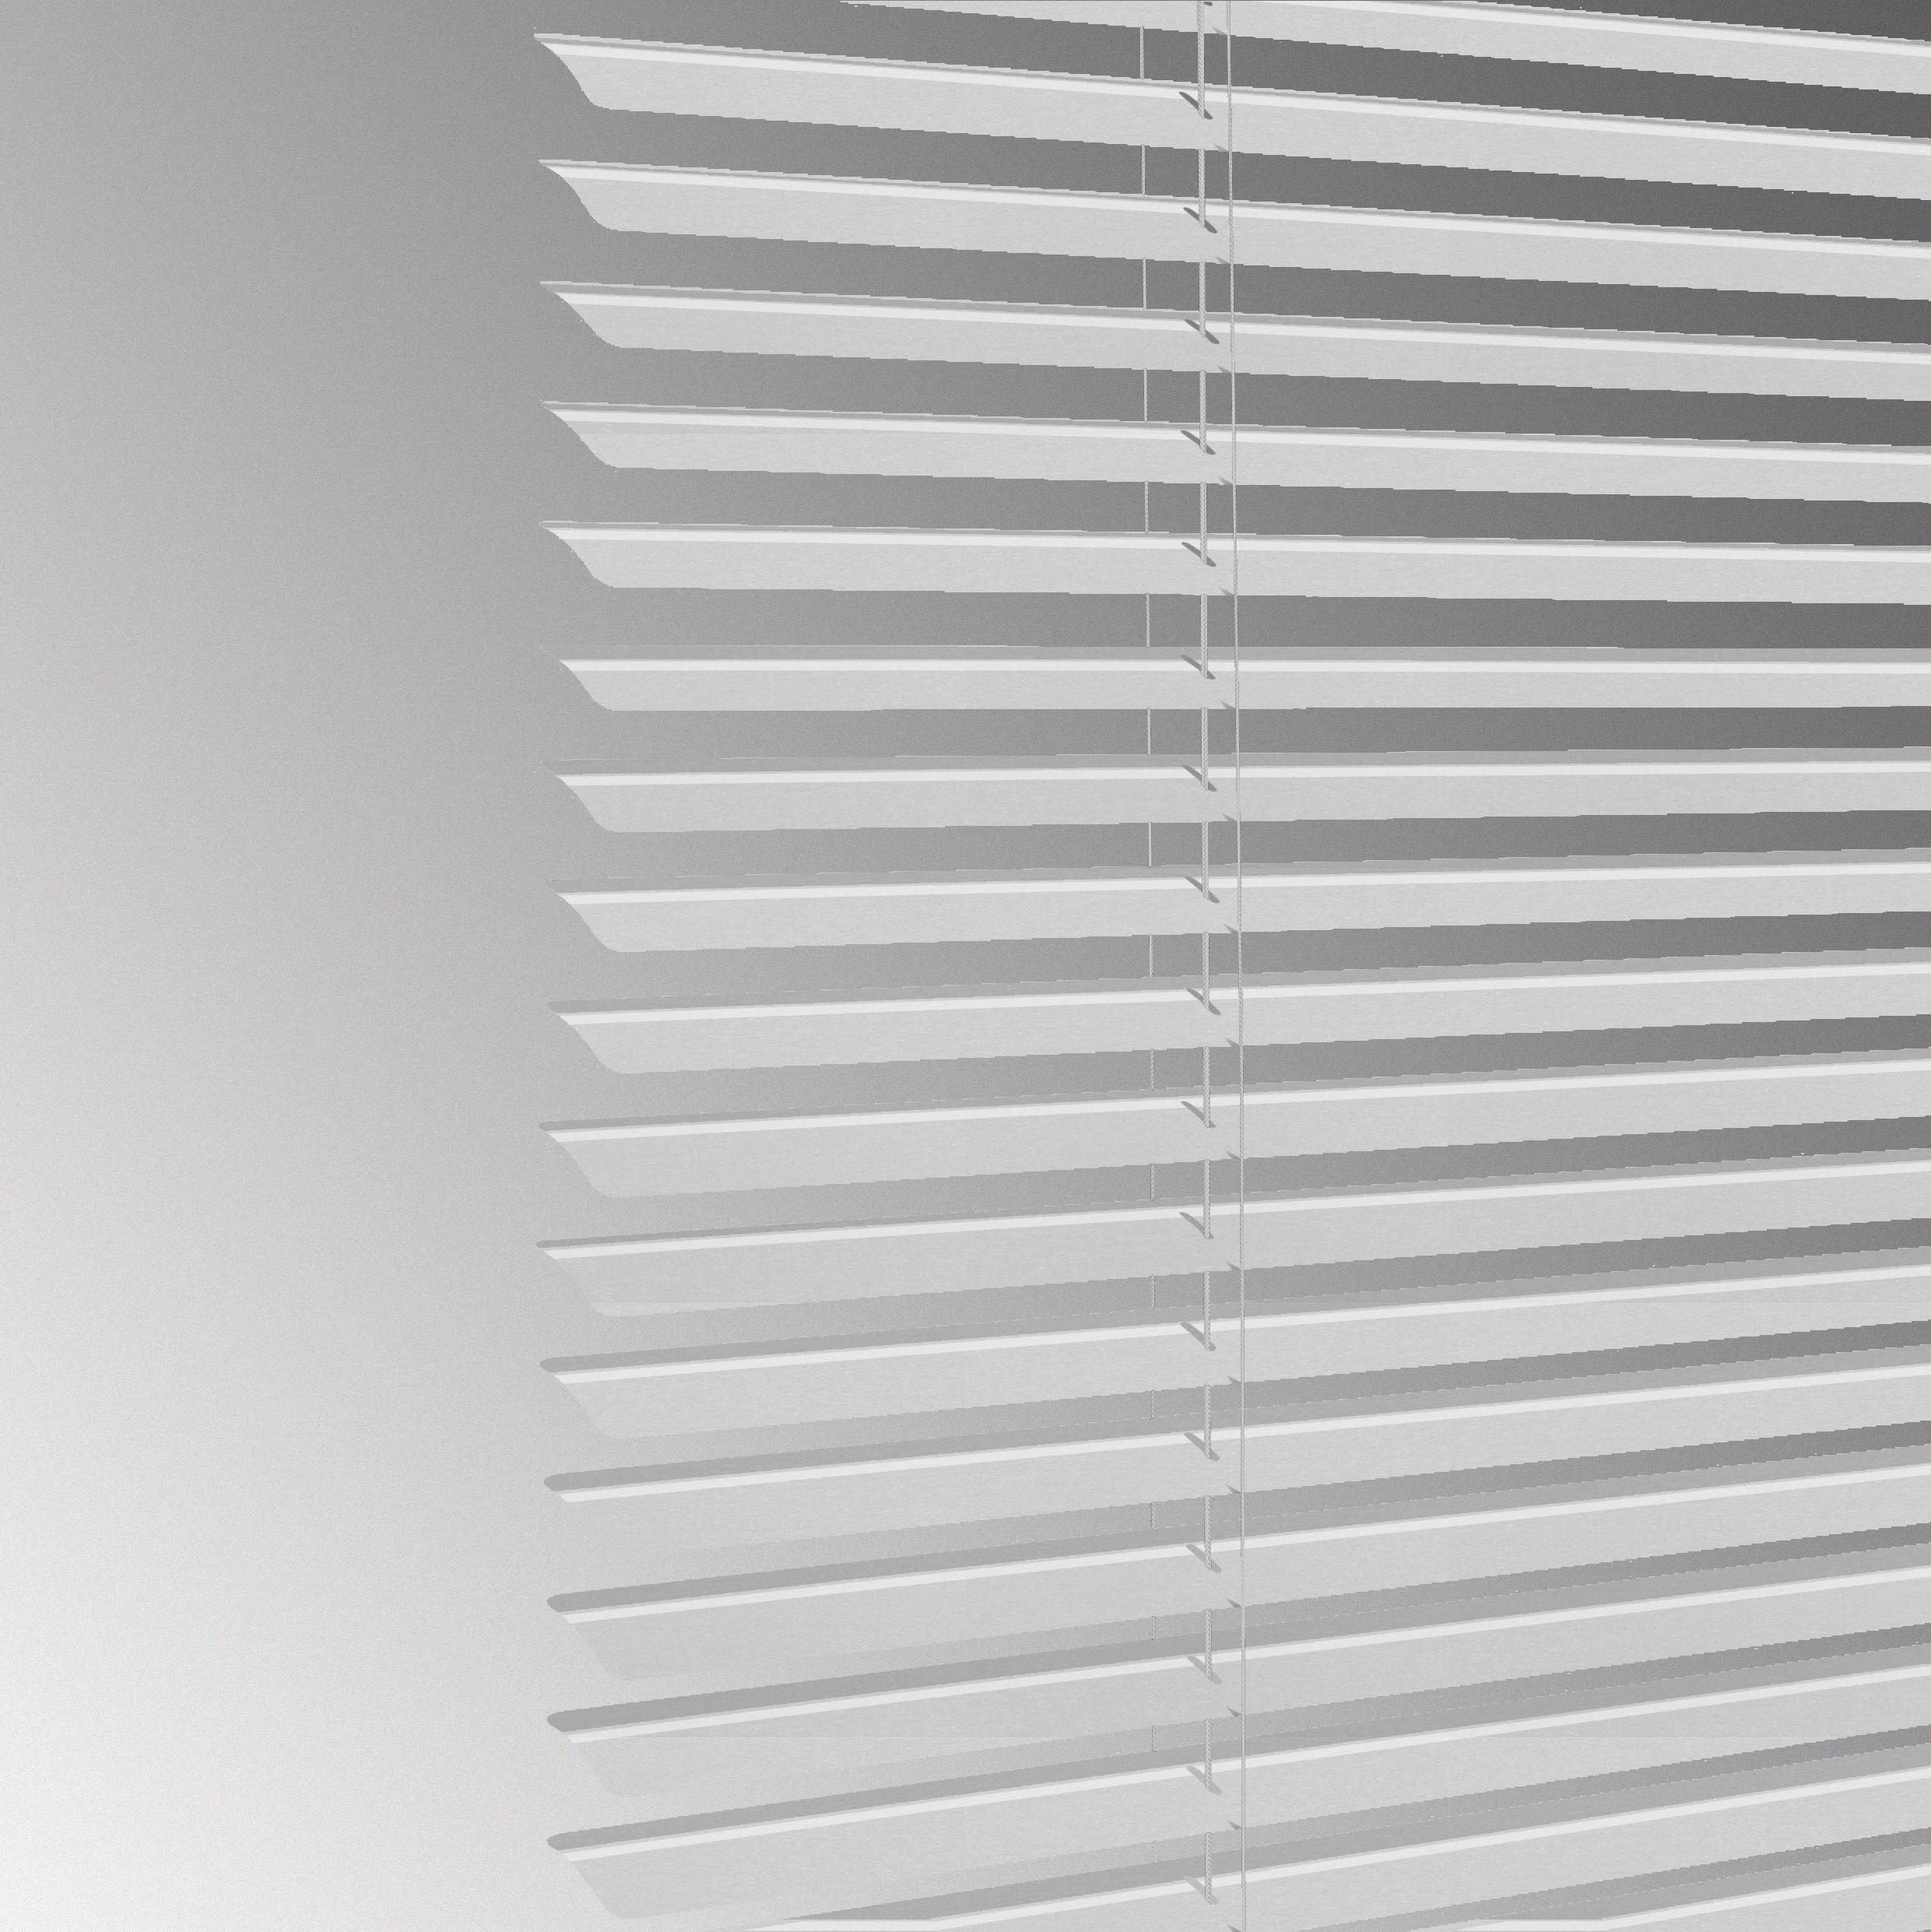 Persiana horizontal alum nio 25mm sob medida r 76 00 em - Laminas de persianas ...